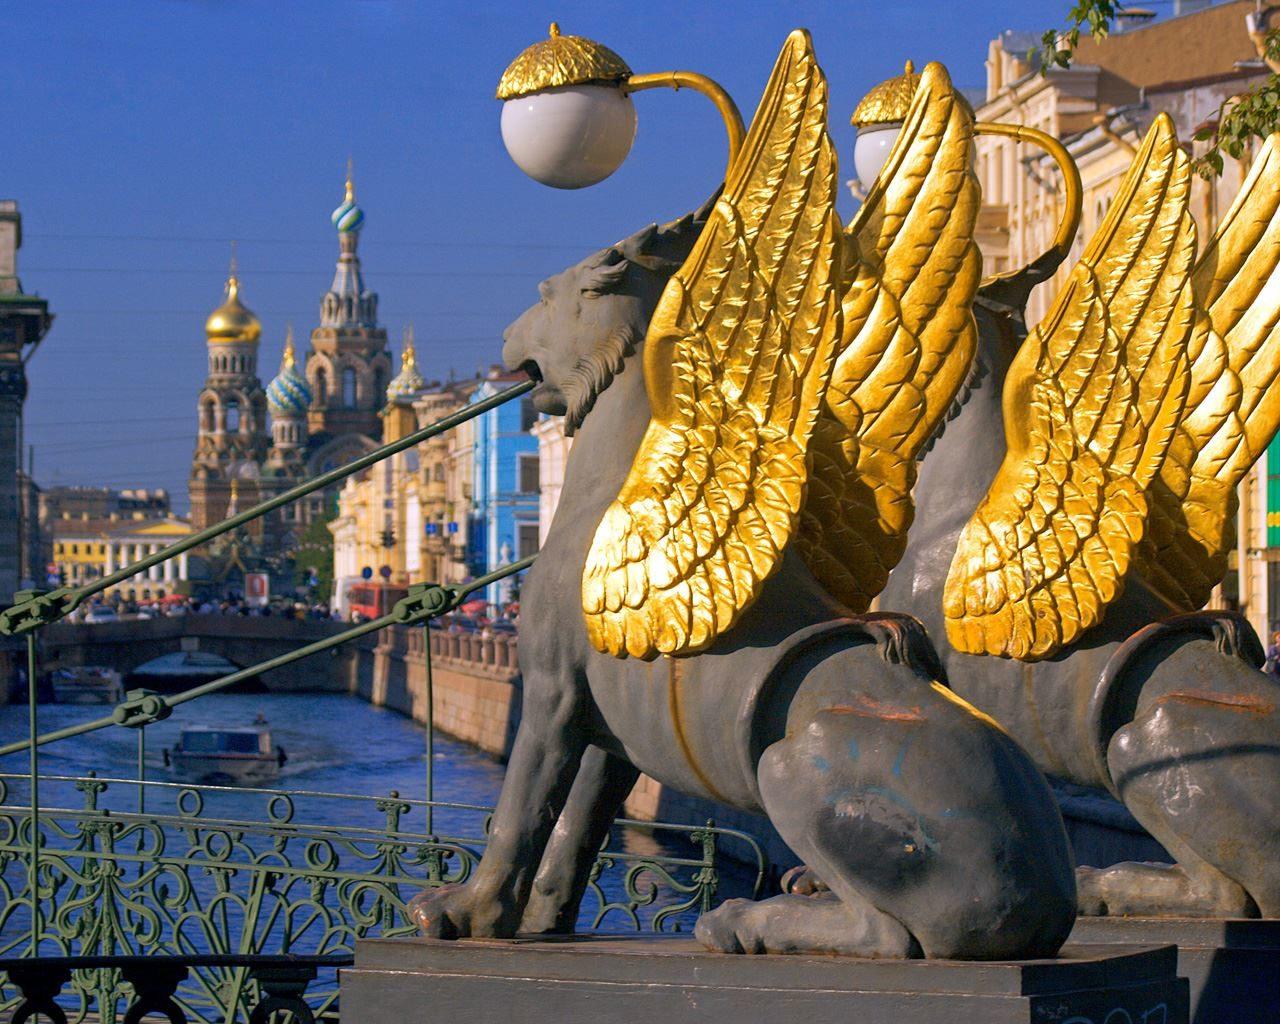 El arte en Rusia. Image?id=855866253989&t=3&plc=WEB&tkn=*k_OY9aY8I7v30qgCysy3f4MXR6E